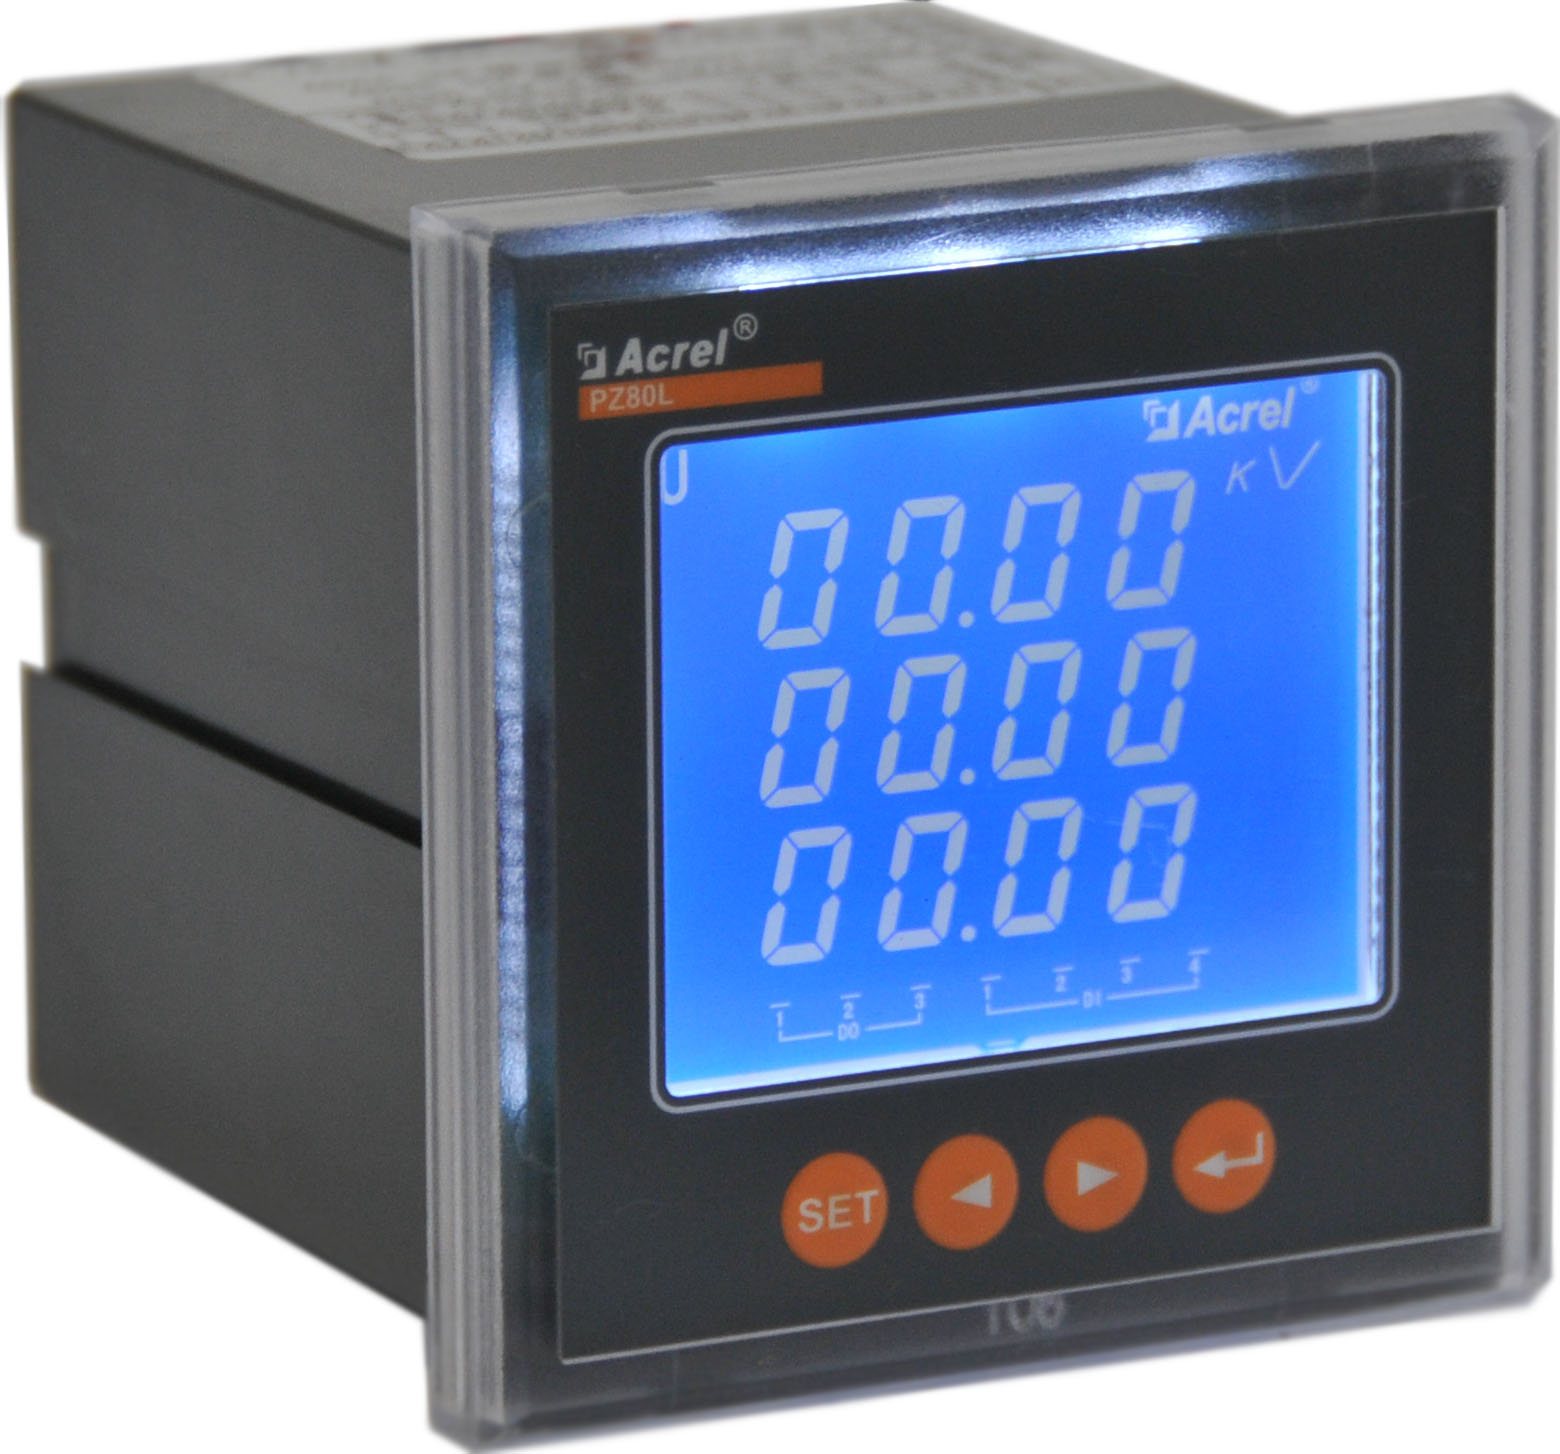 安科瑞厂家直销 PZ96L-E4/2MC 电能表 2路模拟量 RS485通讯 包邮